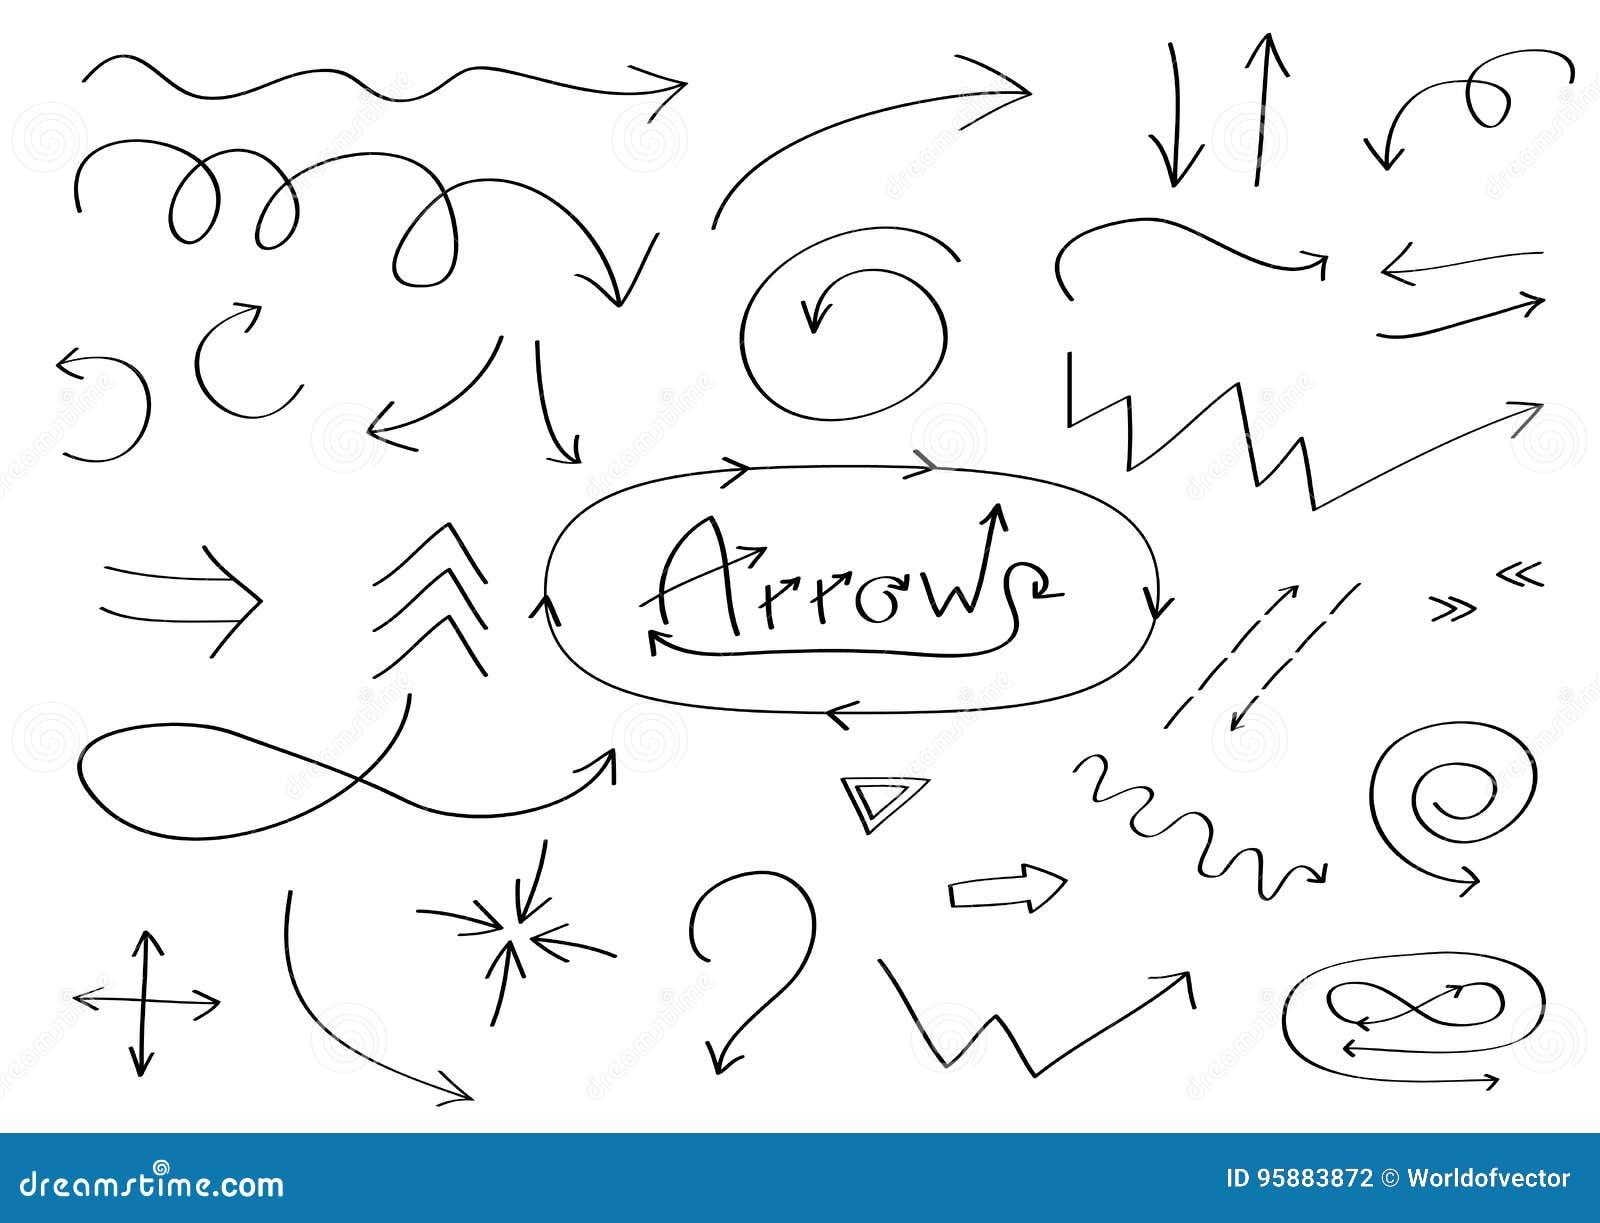 Handdrawn doodle strzała ikony set Ręka rysujący czarny strzałkowaty nakreślenie Szyldowa symbol kolekcja Dekoracja element Biały